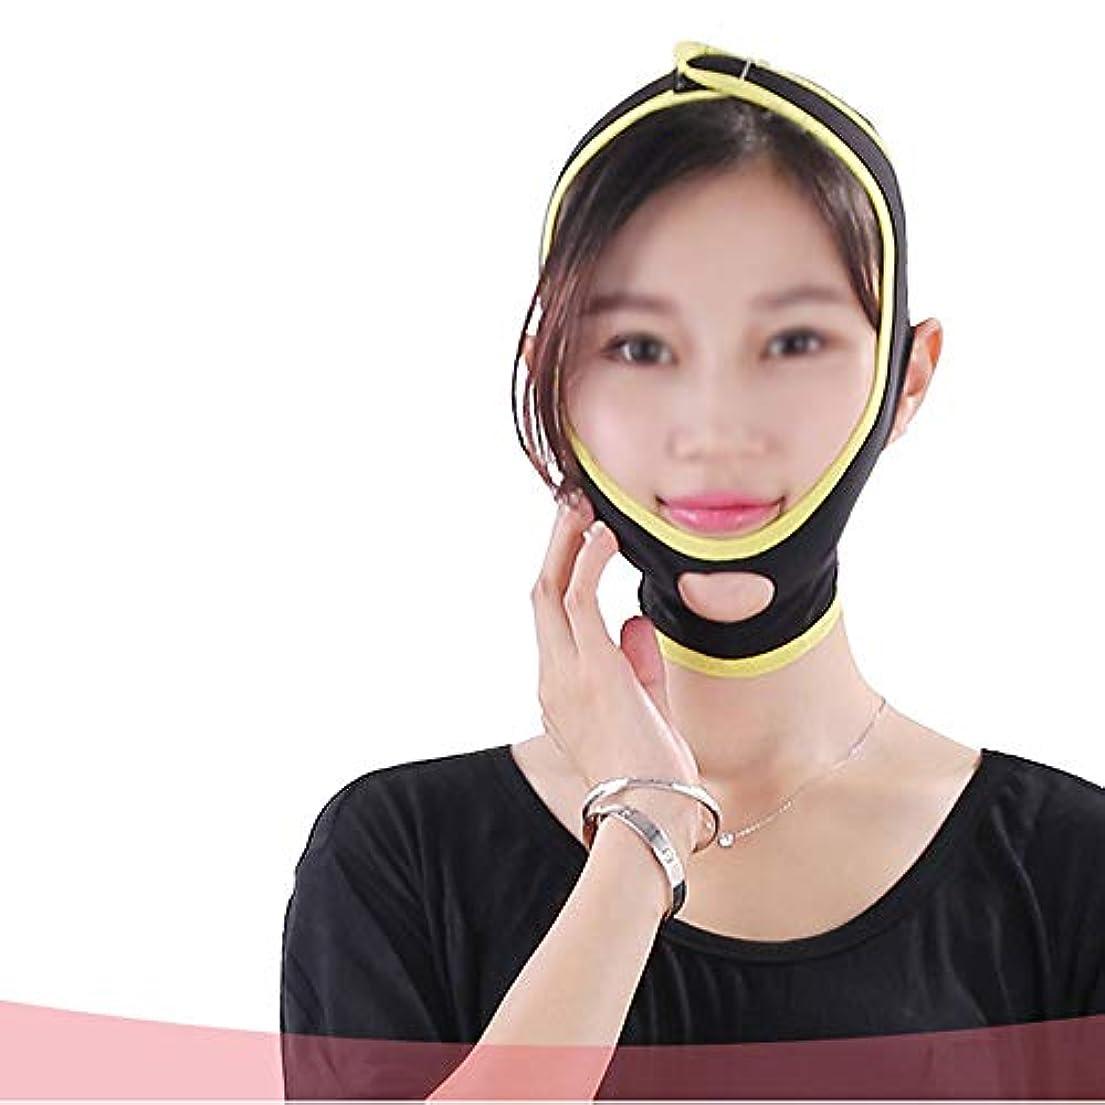 エキサイティングファランクス水分XHLMRMJ 通気性の睡眠のマスク、薄い顔の包帯の小さい表面Vの顔薄い顔の顔 (Color : M)